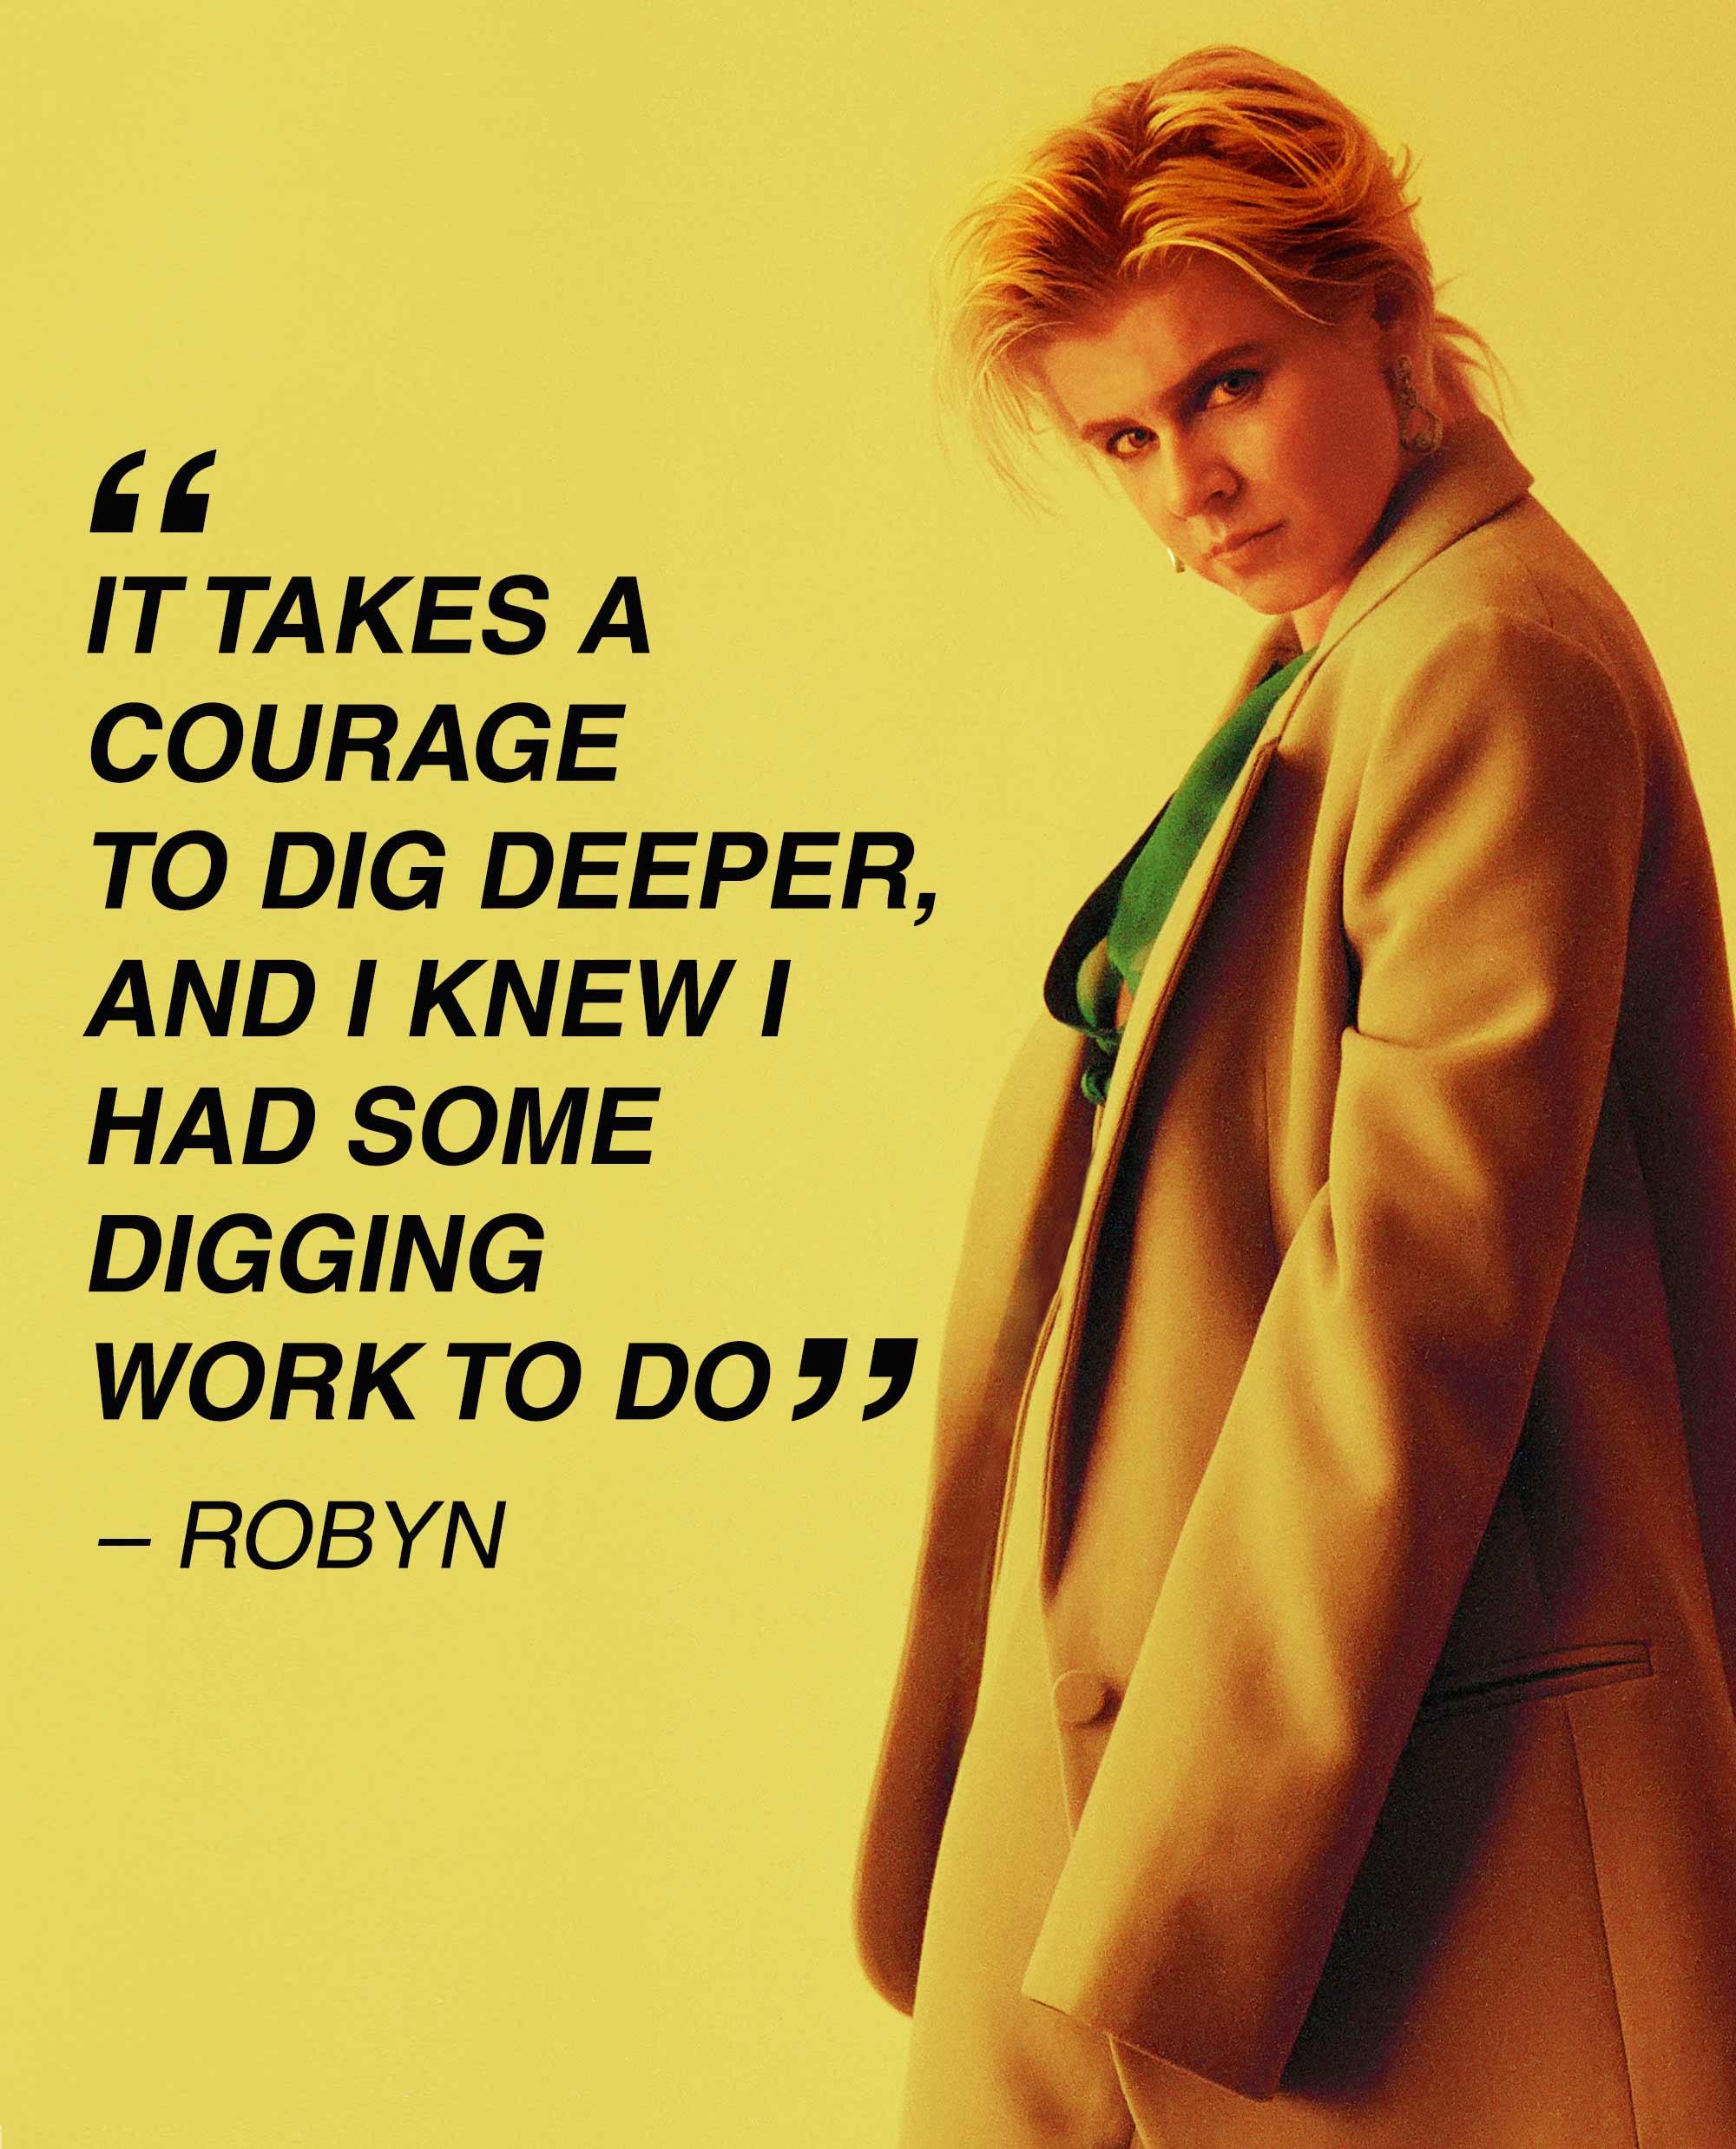 Robyn NME